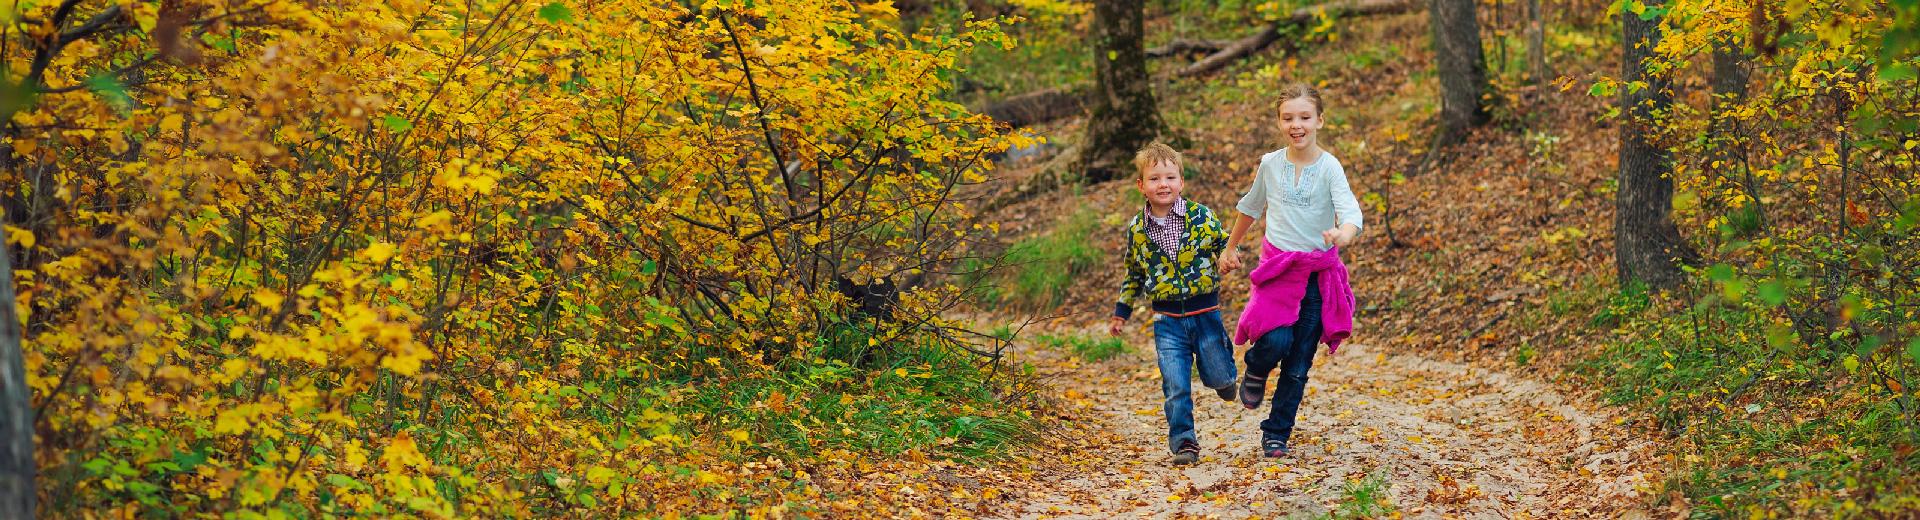 banner-kids-running-fall